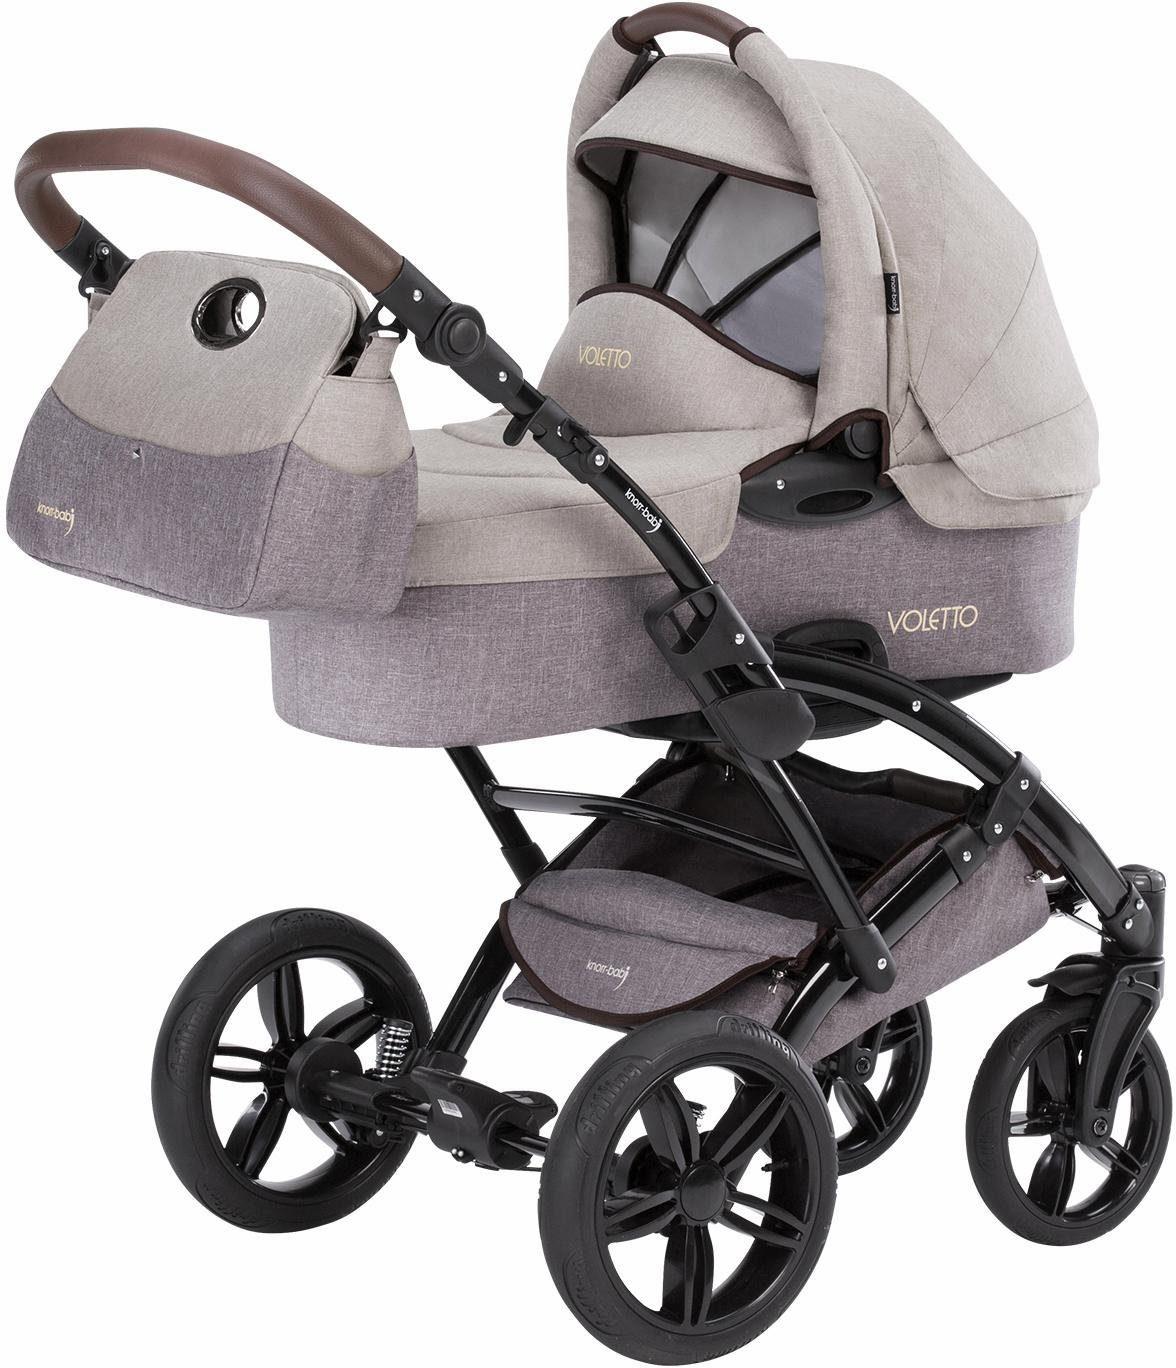 knorr-baby Kombi Kinderwagen Set, »Voletto Happy Colour, beige-braun«